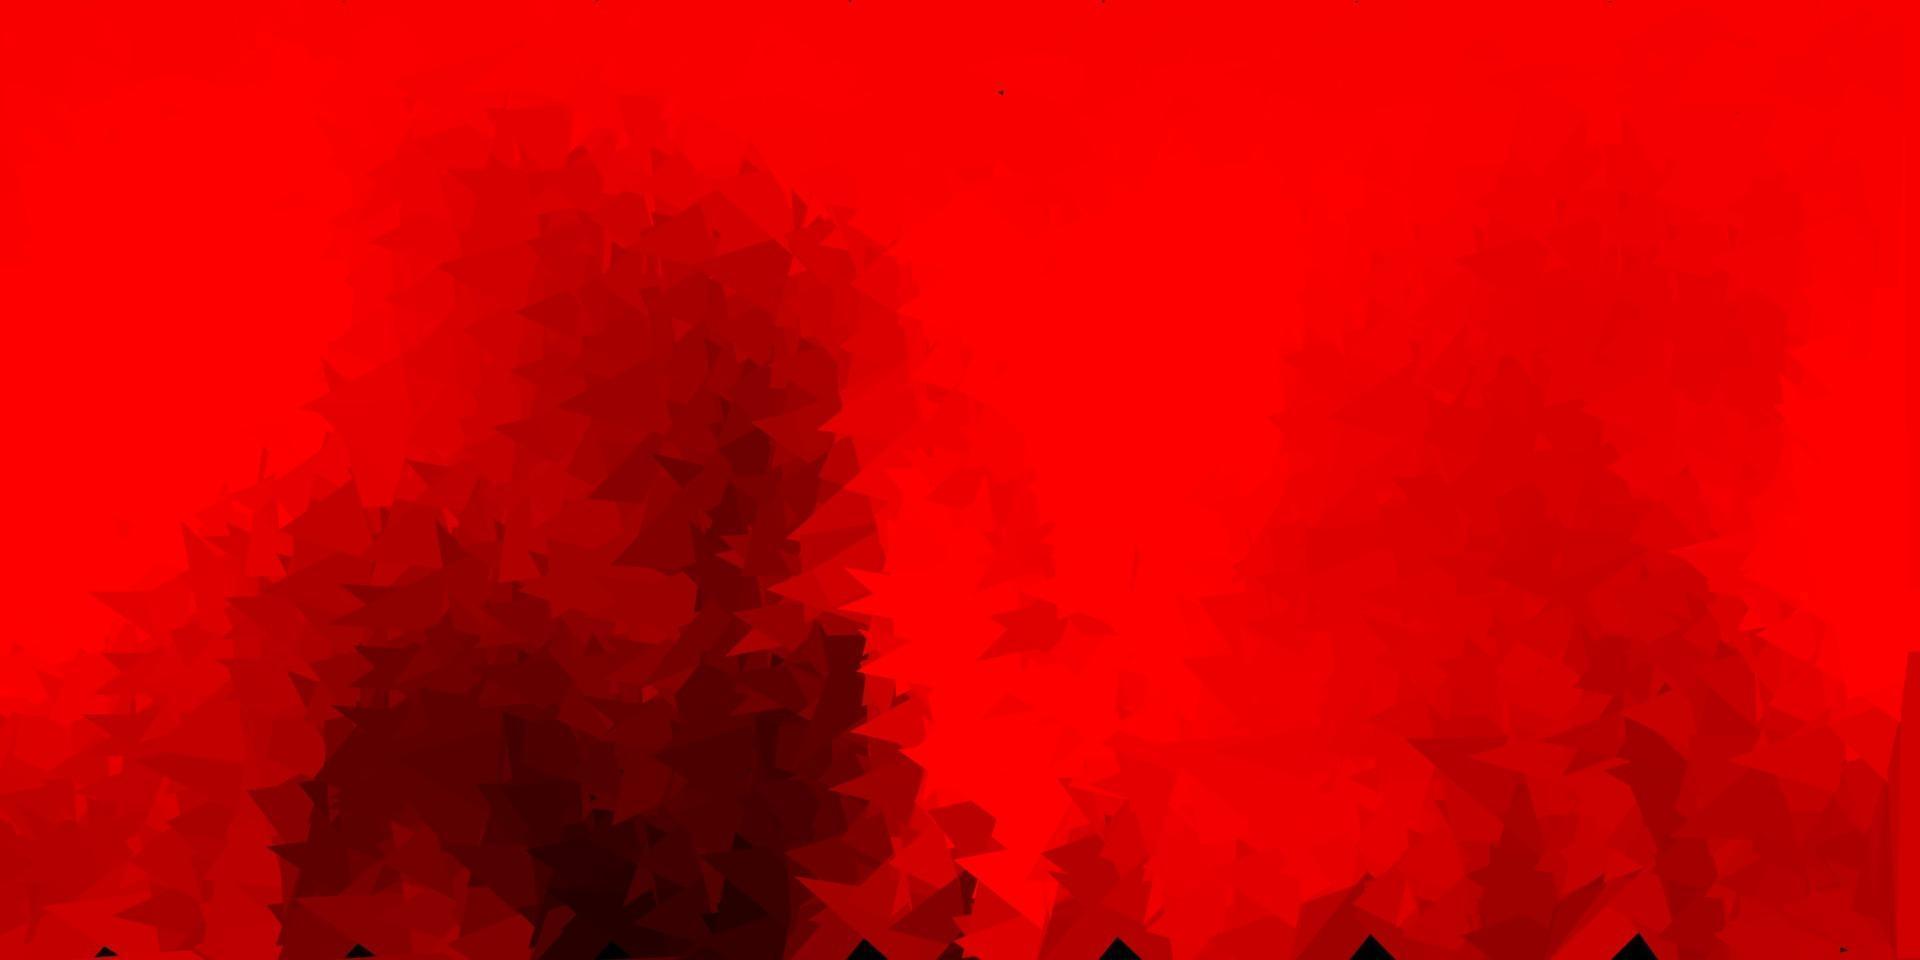 sfondo poligonale vettoriale rosso scuro.